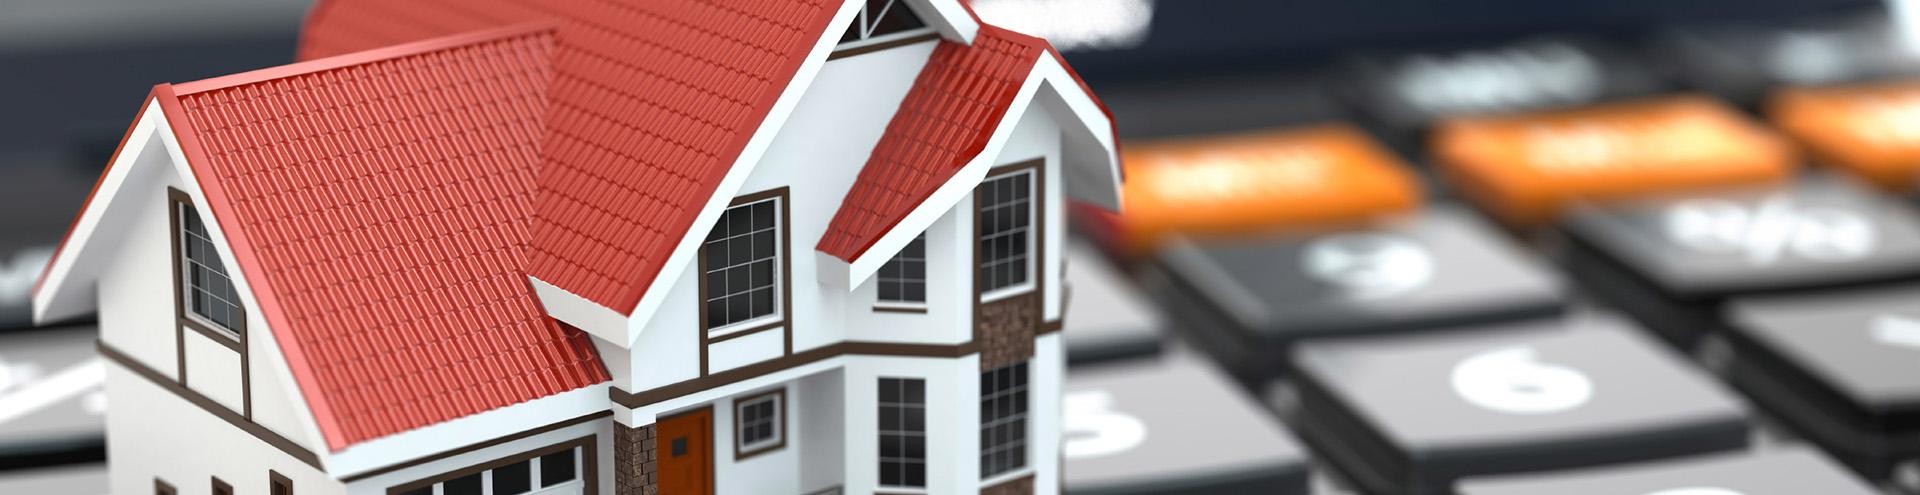 Оспаривание кадастровой стоимости недвижимости в Нижнем Новгороде и Нижегородской области